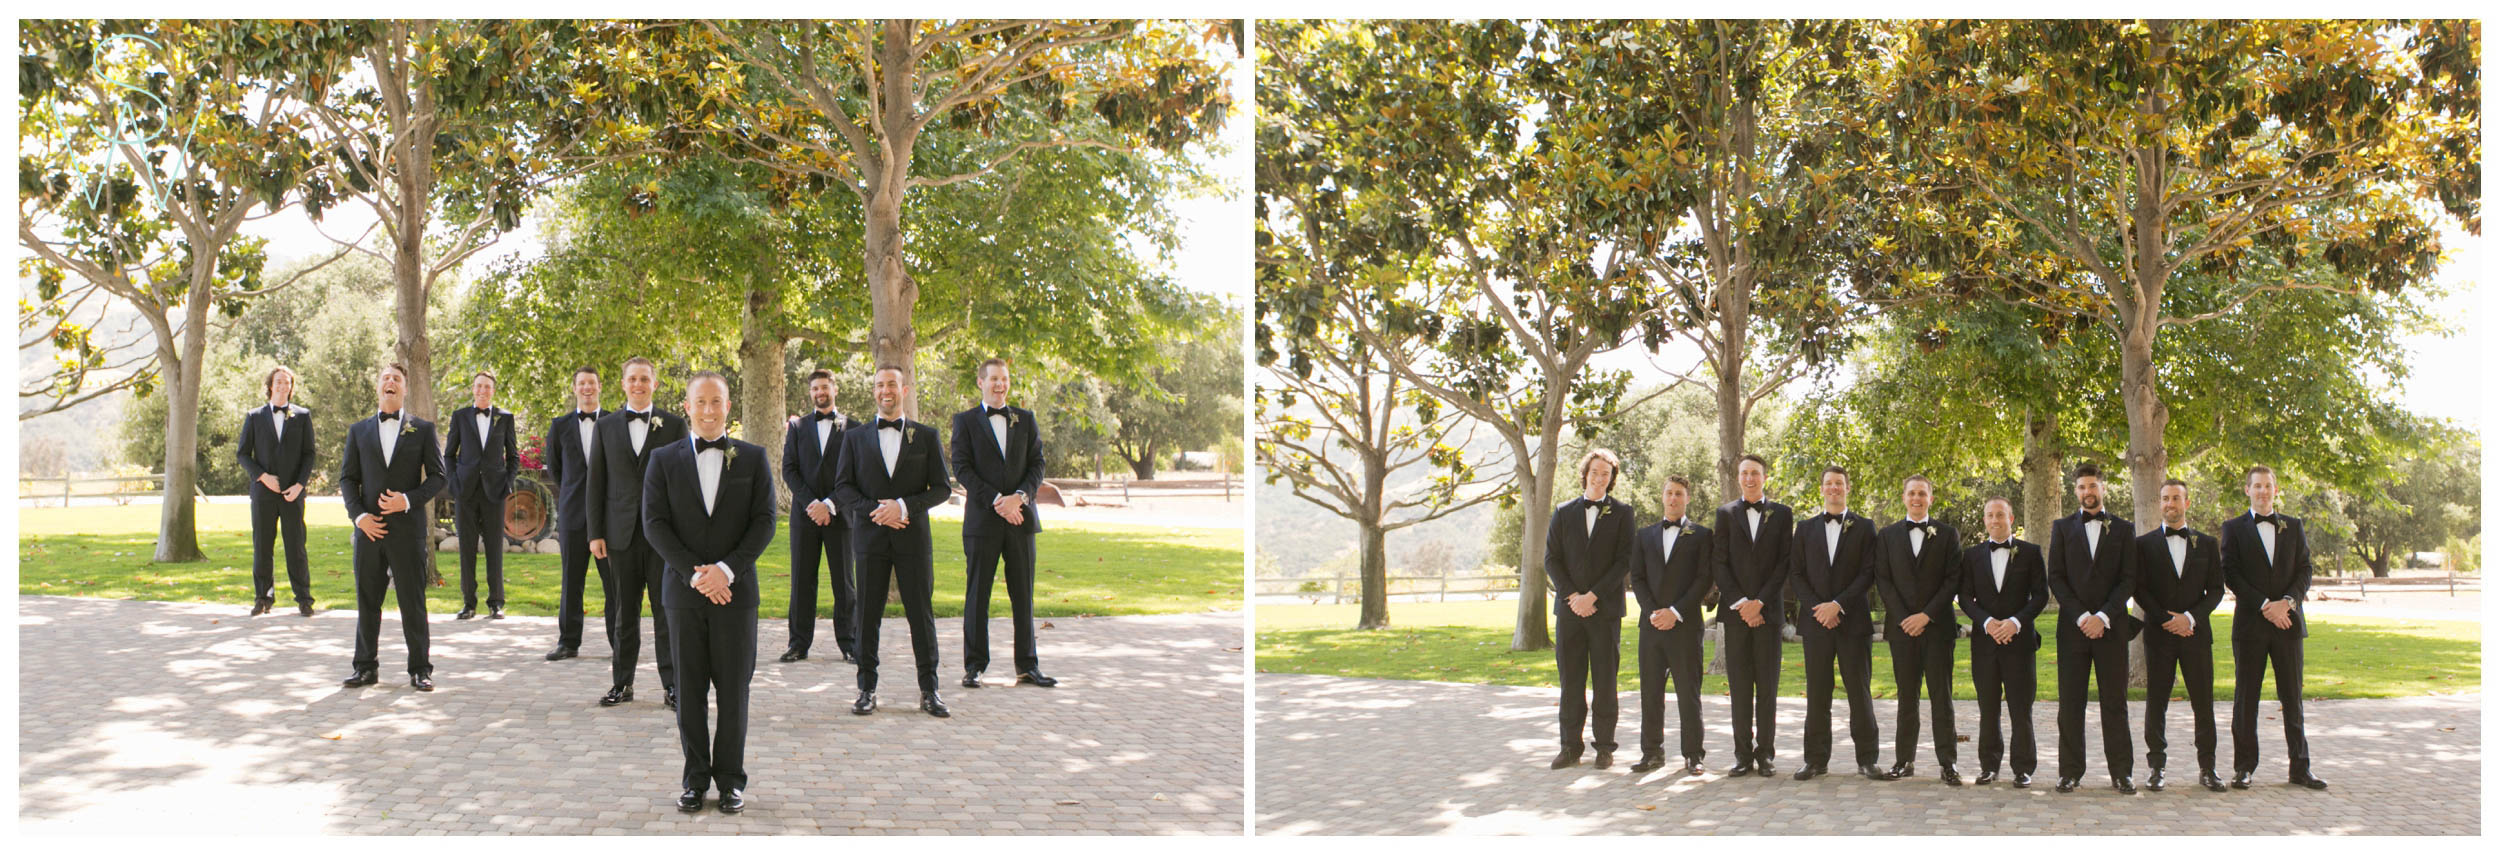 Shewanders.san_.diego_.wedding.photography.private.estate.tara_.jason-3797.jpg.diego_.wedding.photography.private.estate.tara_.jason-379.jpg